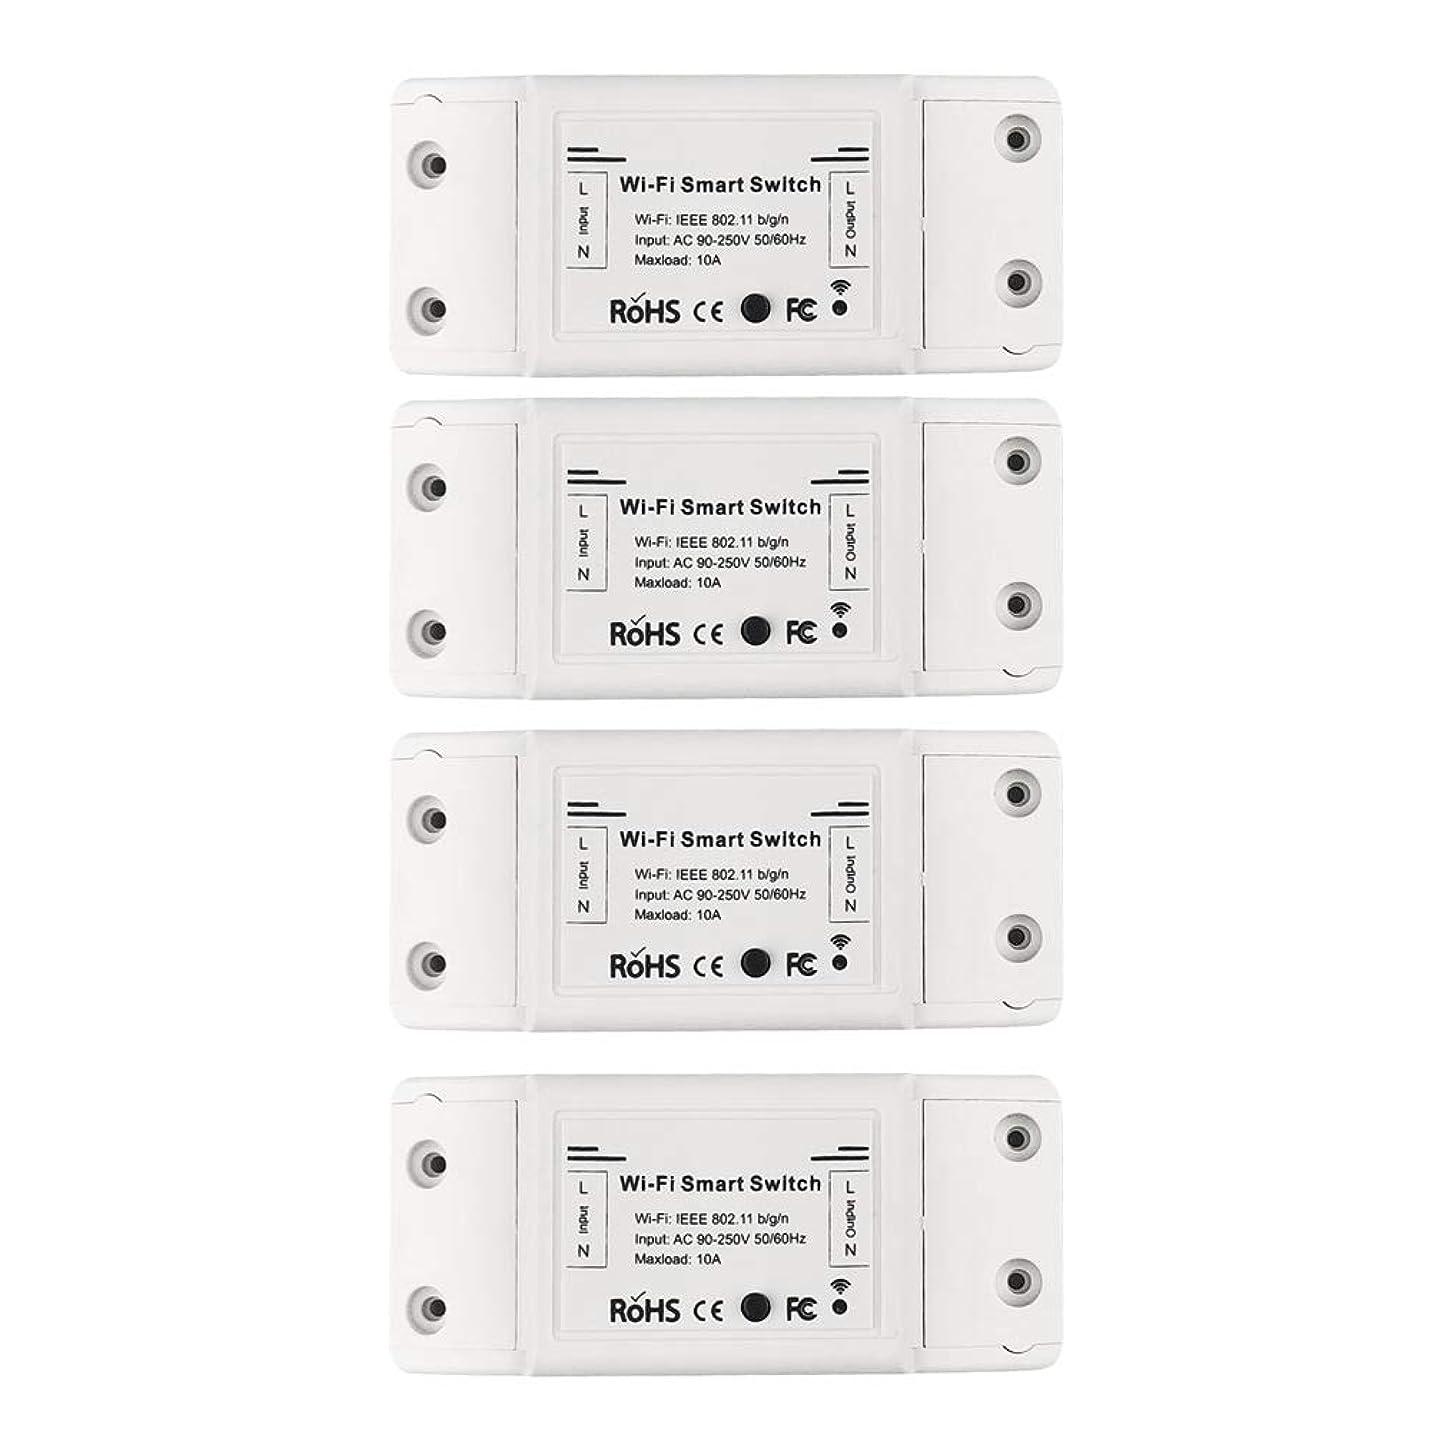 ルー足枷寛容KKmoon WI-FI タイマースイッチ DIYブレーカーモジュール APPリモートコントロール 電気スイッチ